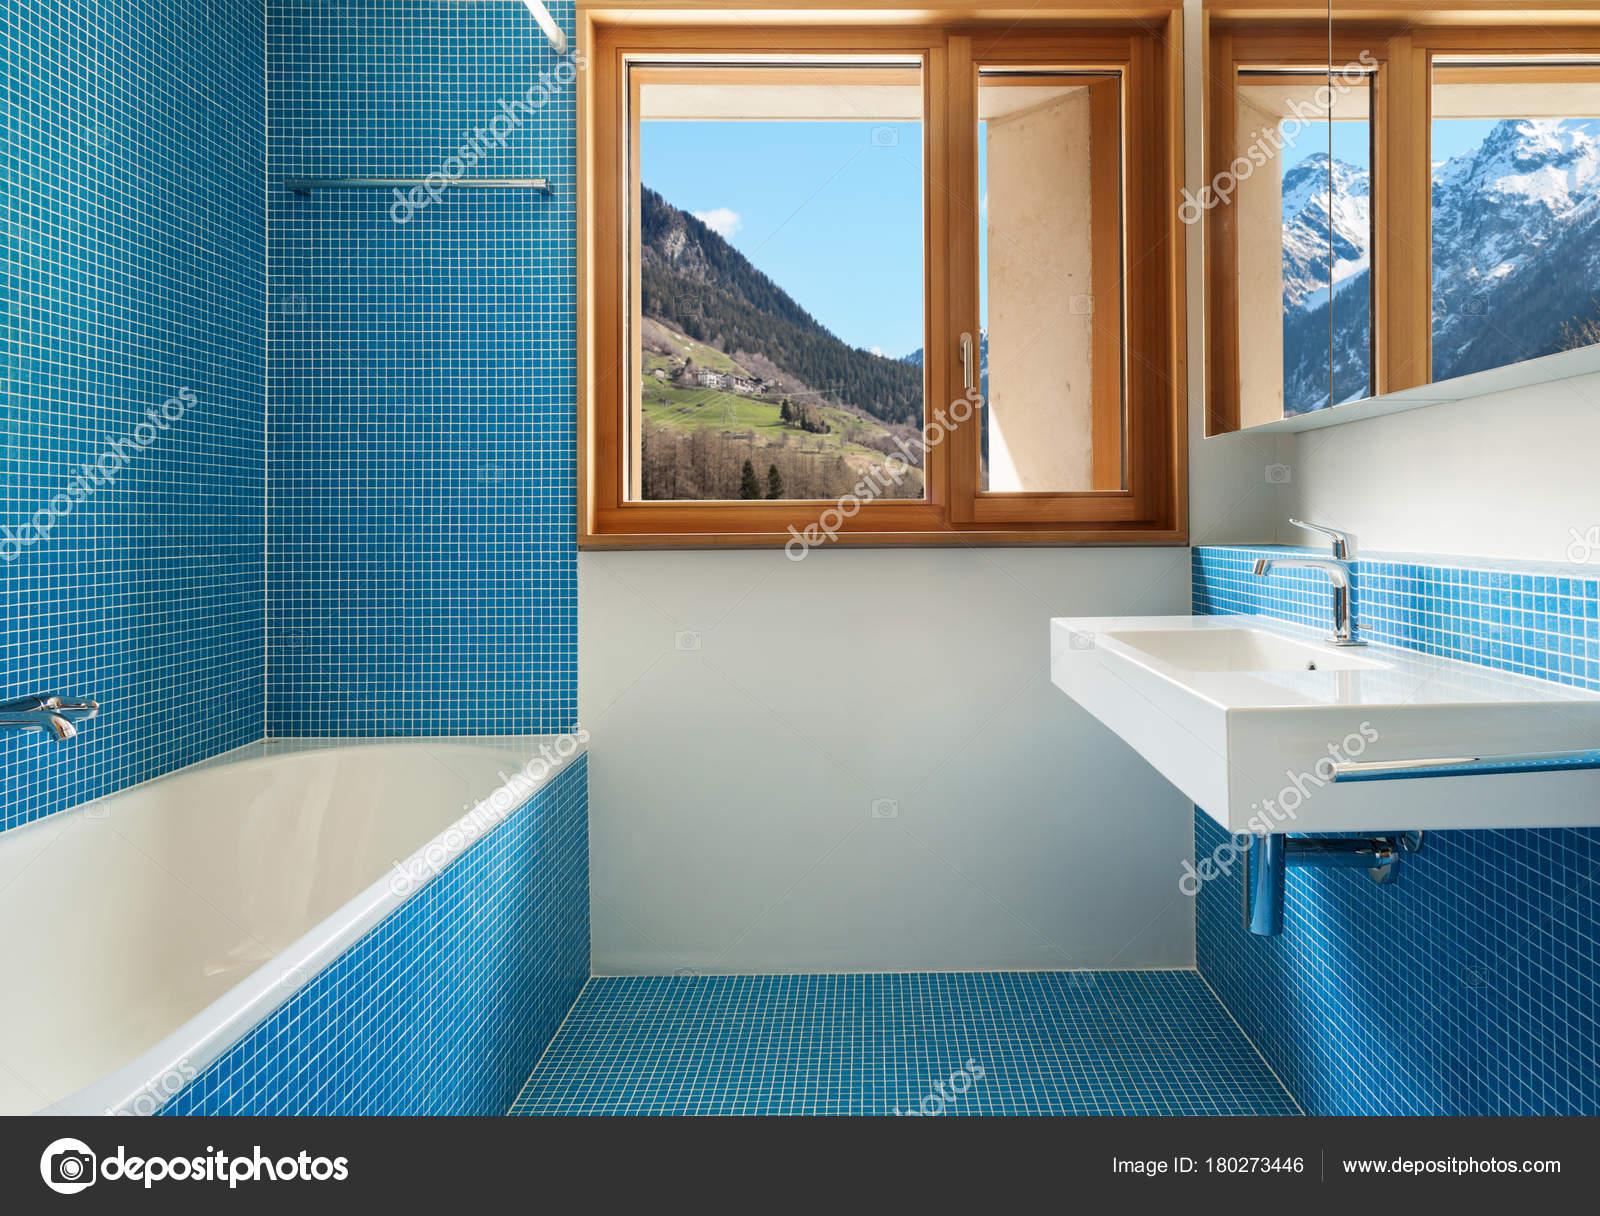 Haus Modernes Design Interieur Blau Bad — Stockfoto © Zveiger #180273446